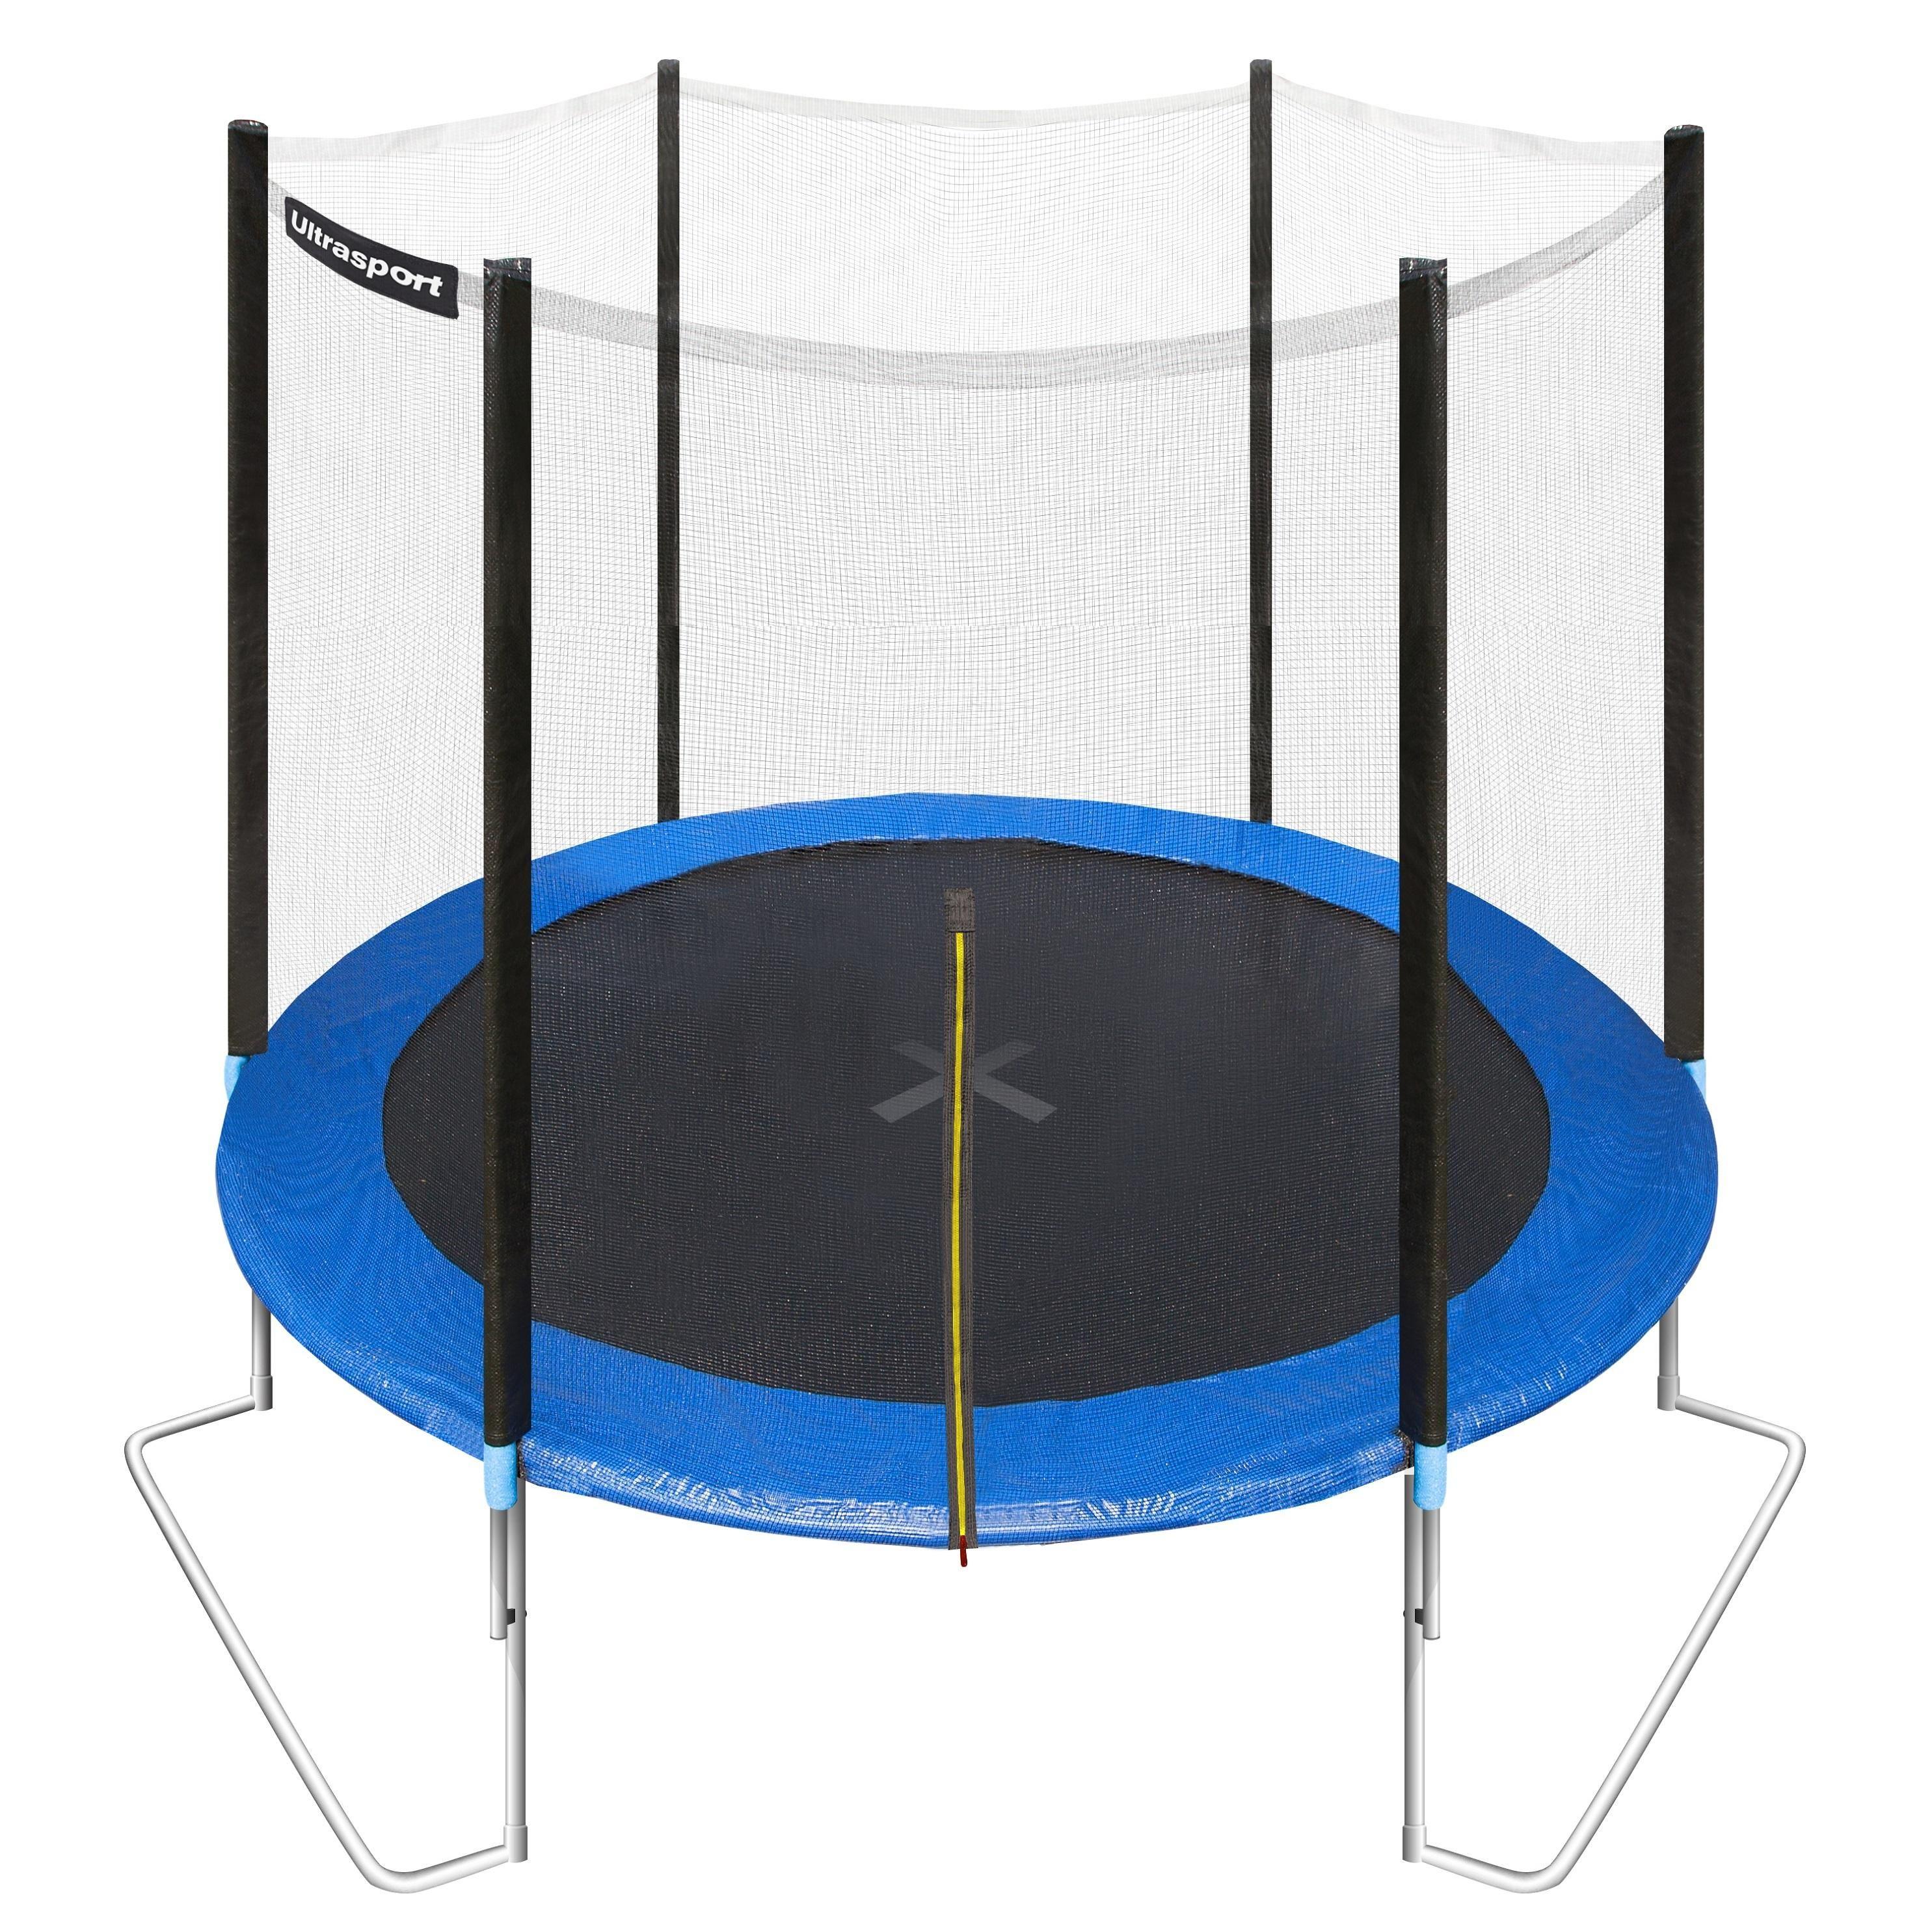 Ultrasport Gartentrampolin Jumper 251 Cm Inkl Sicherheitsnetz Sport Freizeit Spass Fur Die Kleinen Wie Auch Die Gr Gartentrampolin Trampolin Sicherheitsnetz